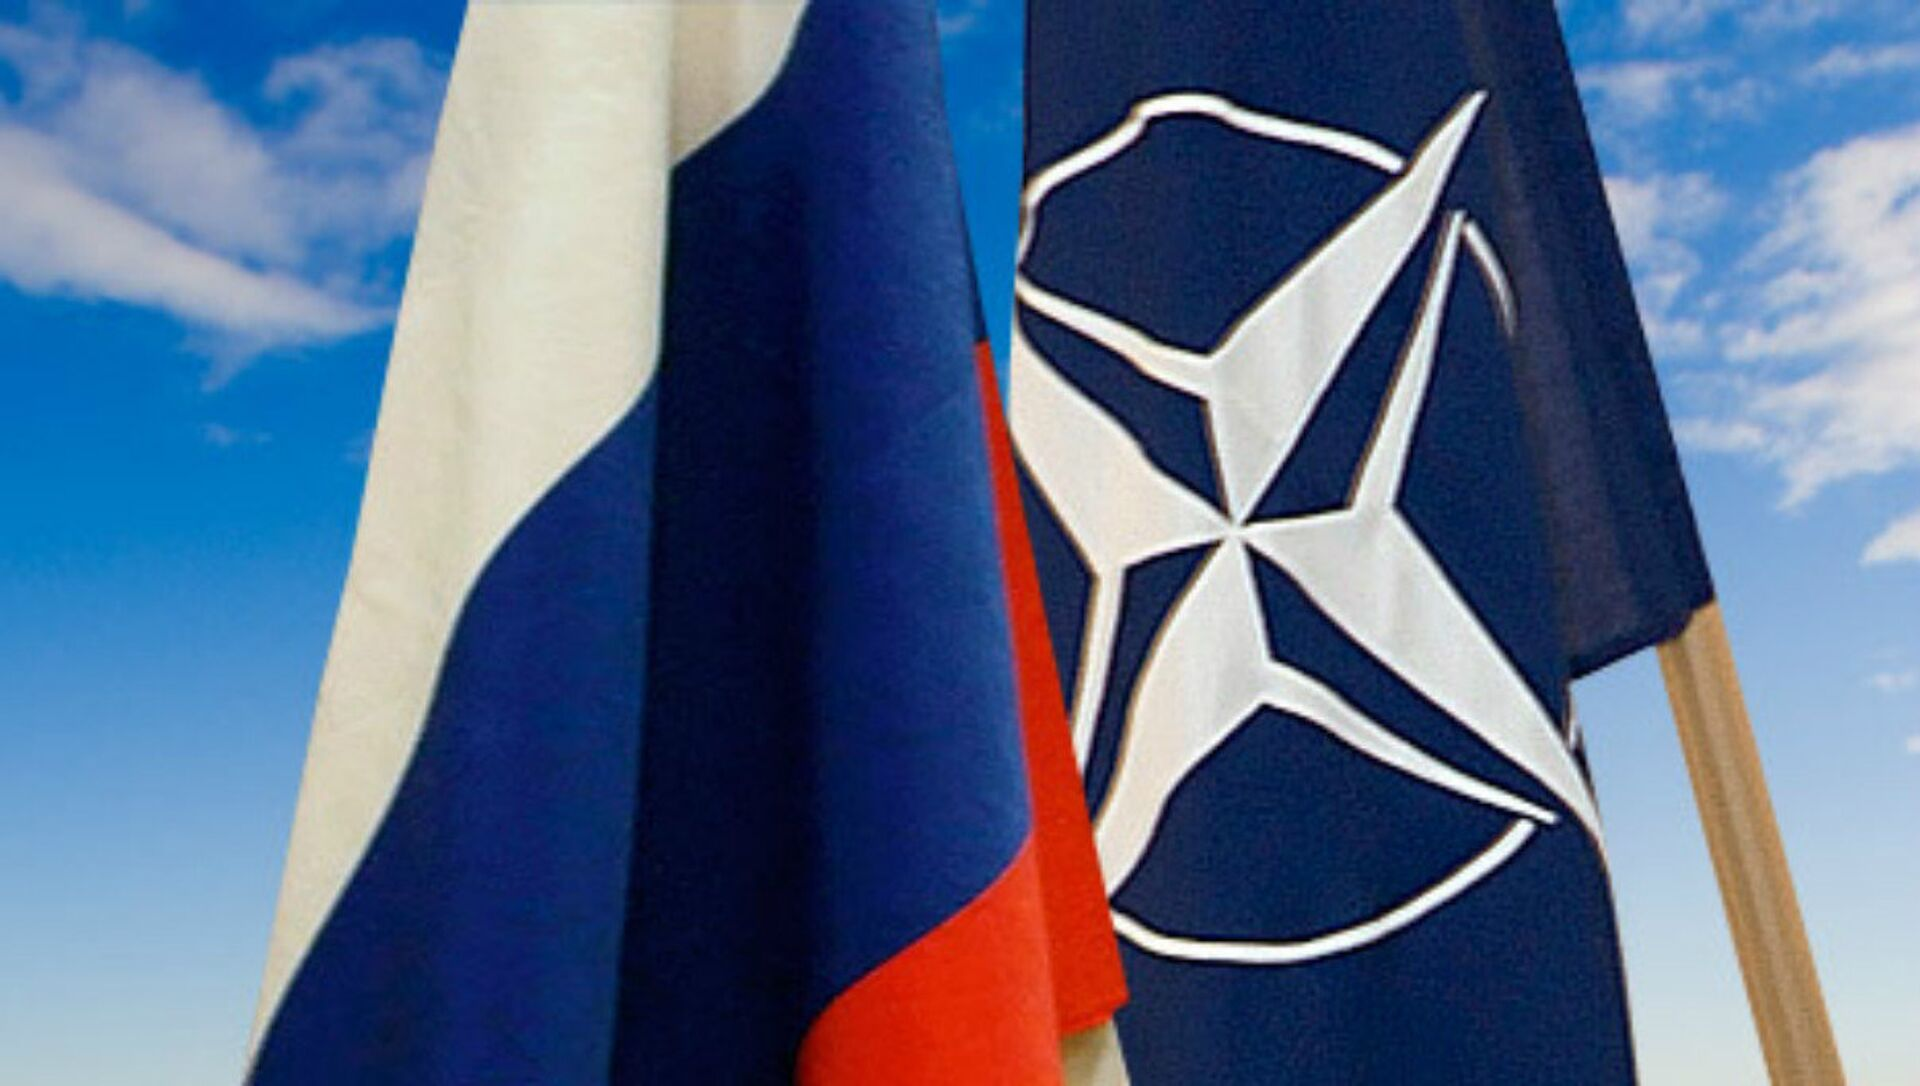 Заставе Русије и НАТО-а - Sputnik Србија, 1920, 04.07.2021